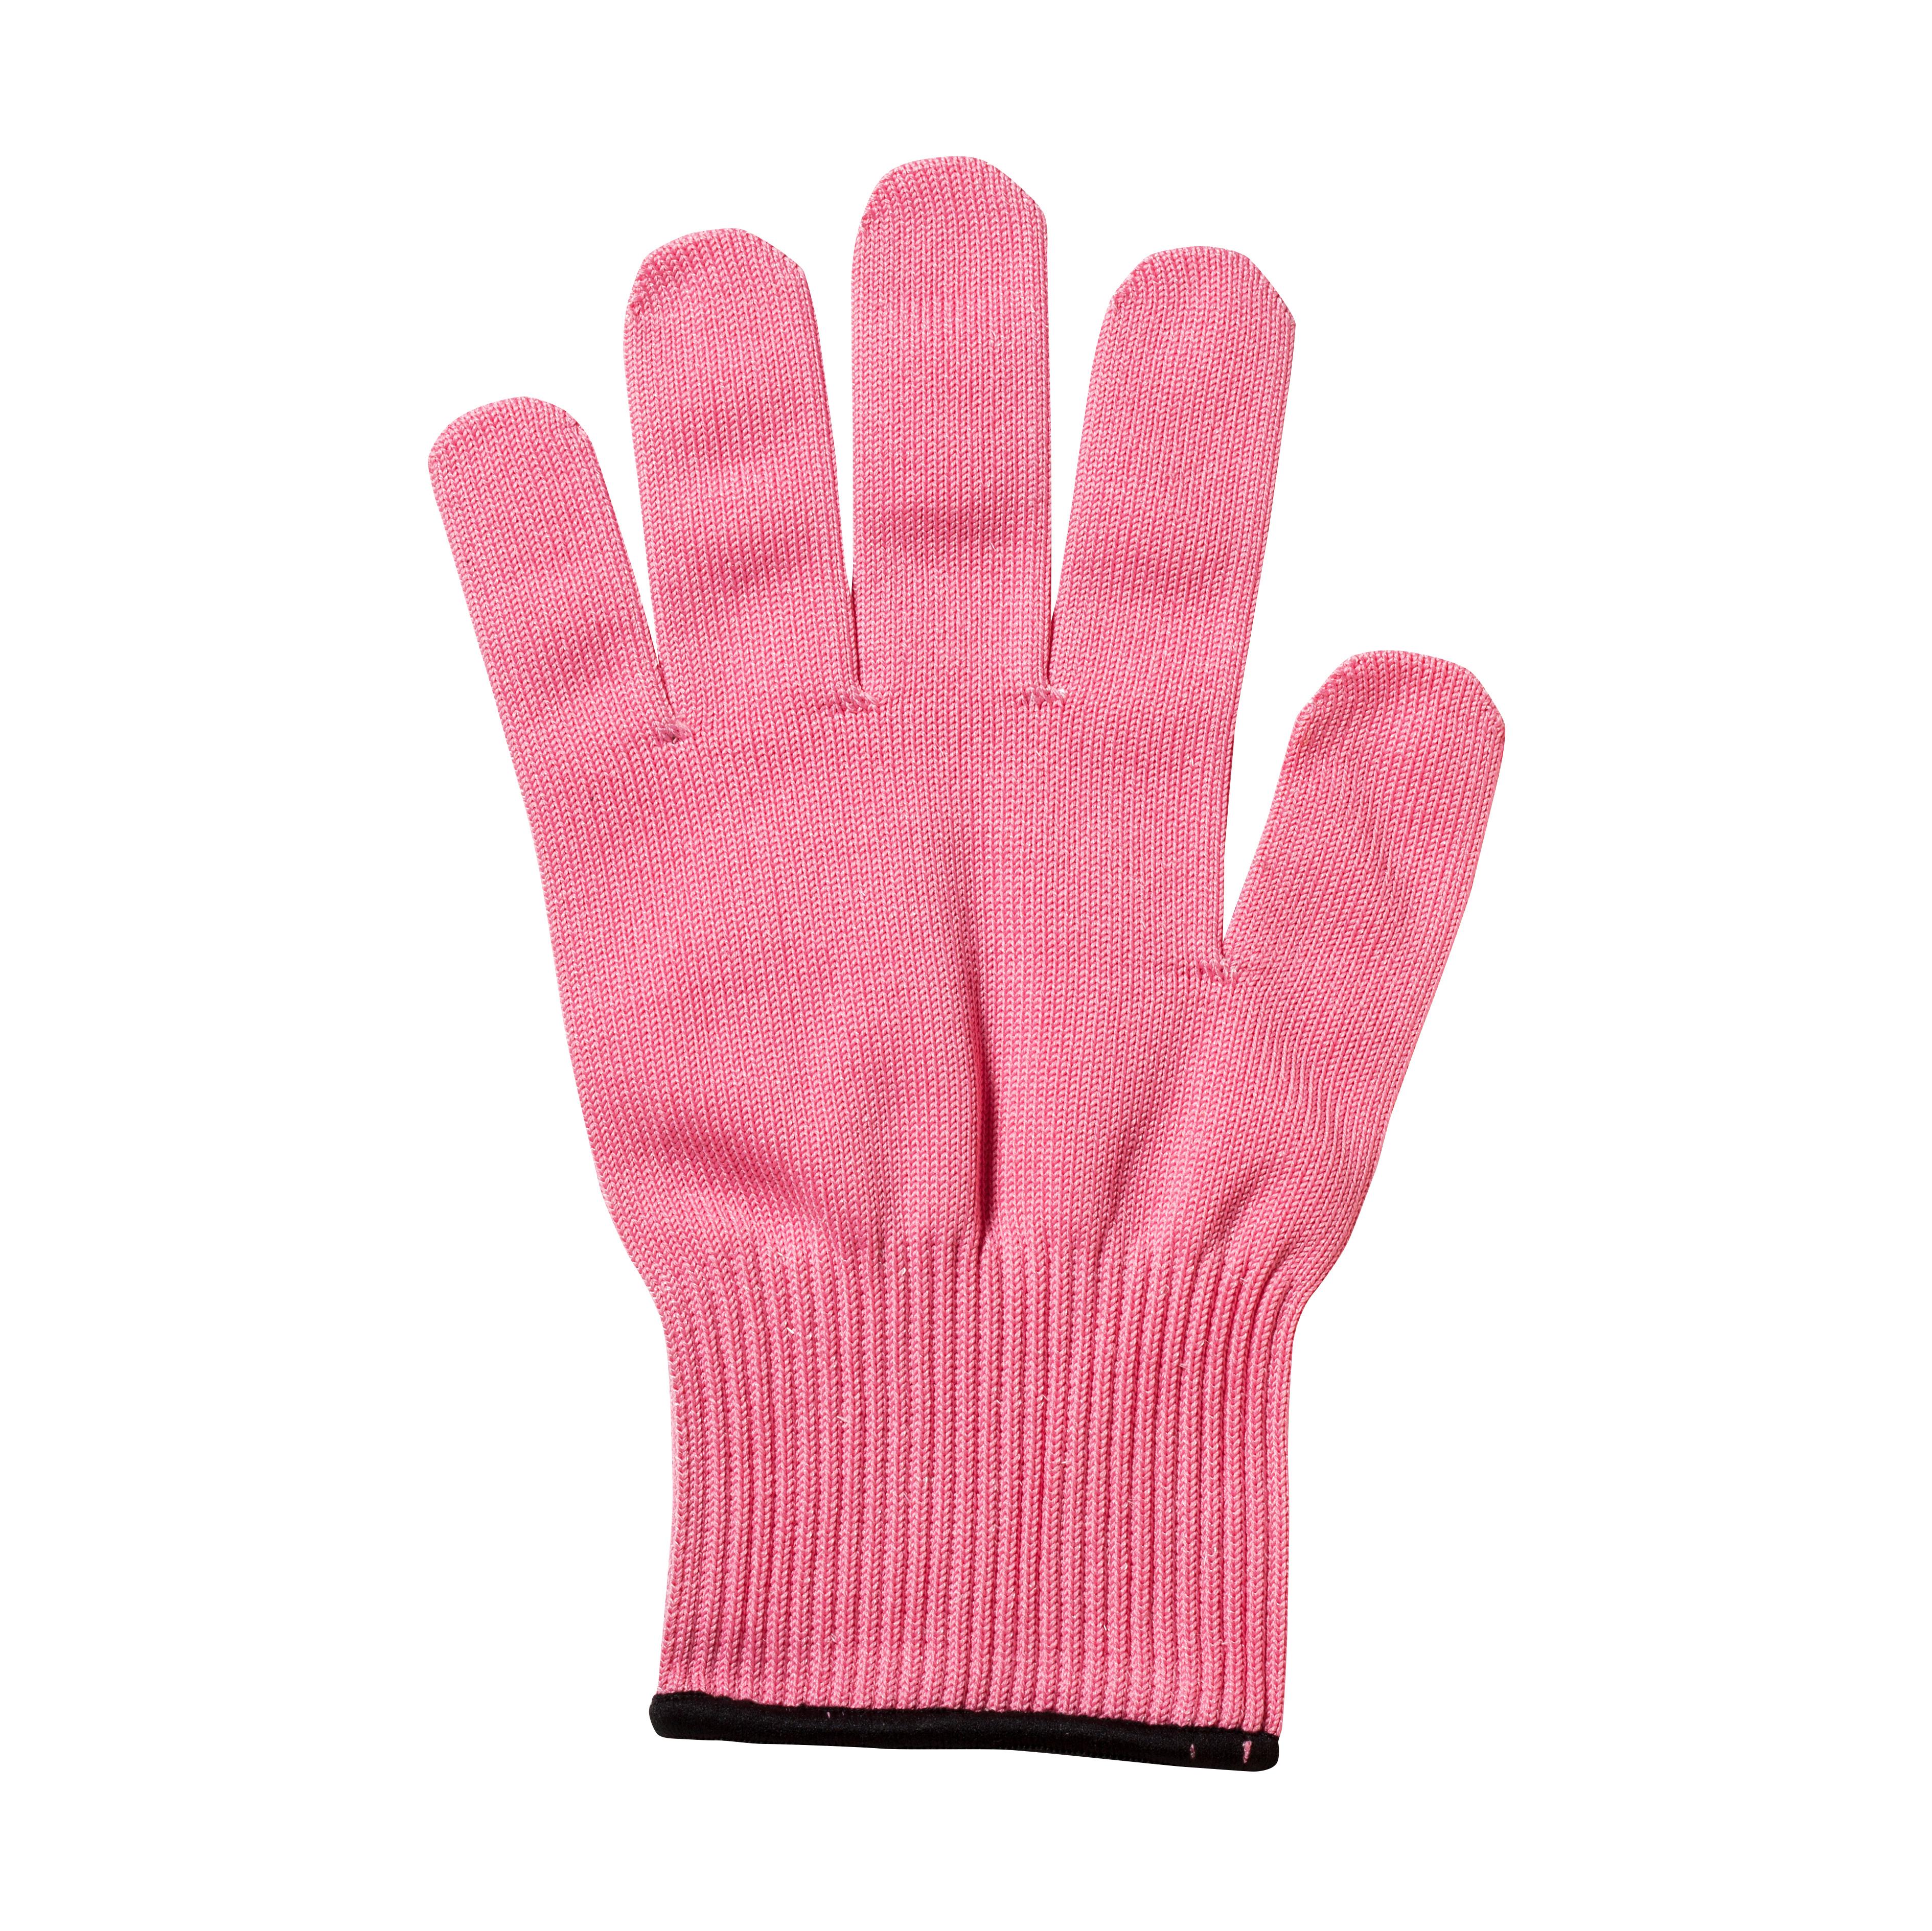 Mercer Culinary M33415PK1X glove, cut resistant